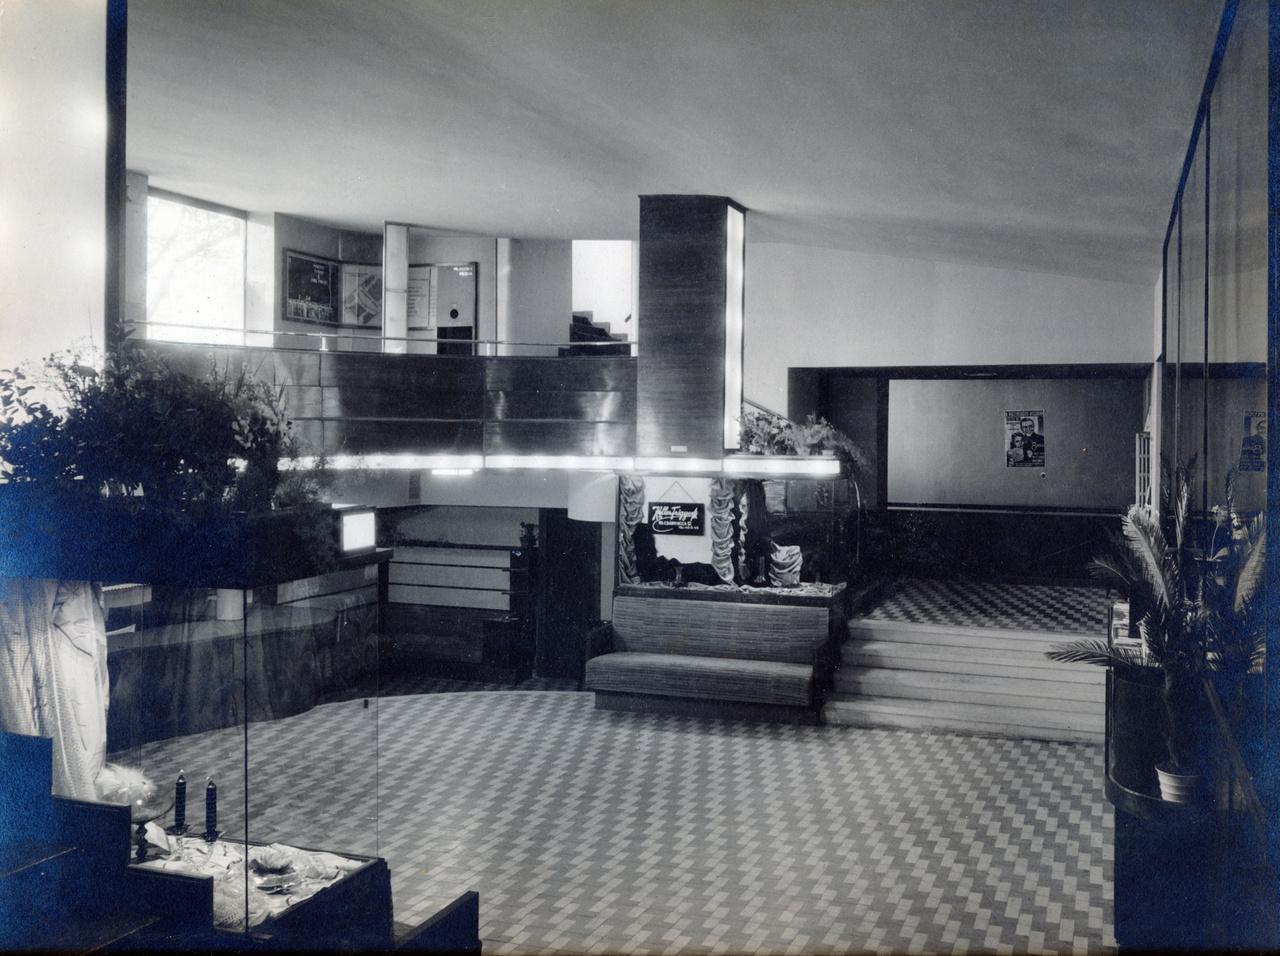 Nem csak az első modern stílusú bérház volt  ez Budapesten, de az első olyan, ahol előre betervezték a mozit az épületbe. Korábban azokat vagy átalakított színházakban, udvarokon, földszinti helyiségekben helyezték el, esetleg külön épületet emletek nekik, mint a Corvinnál.